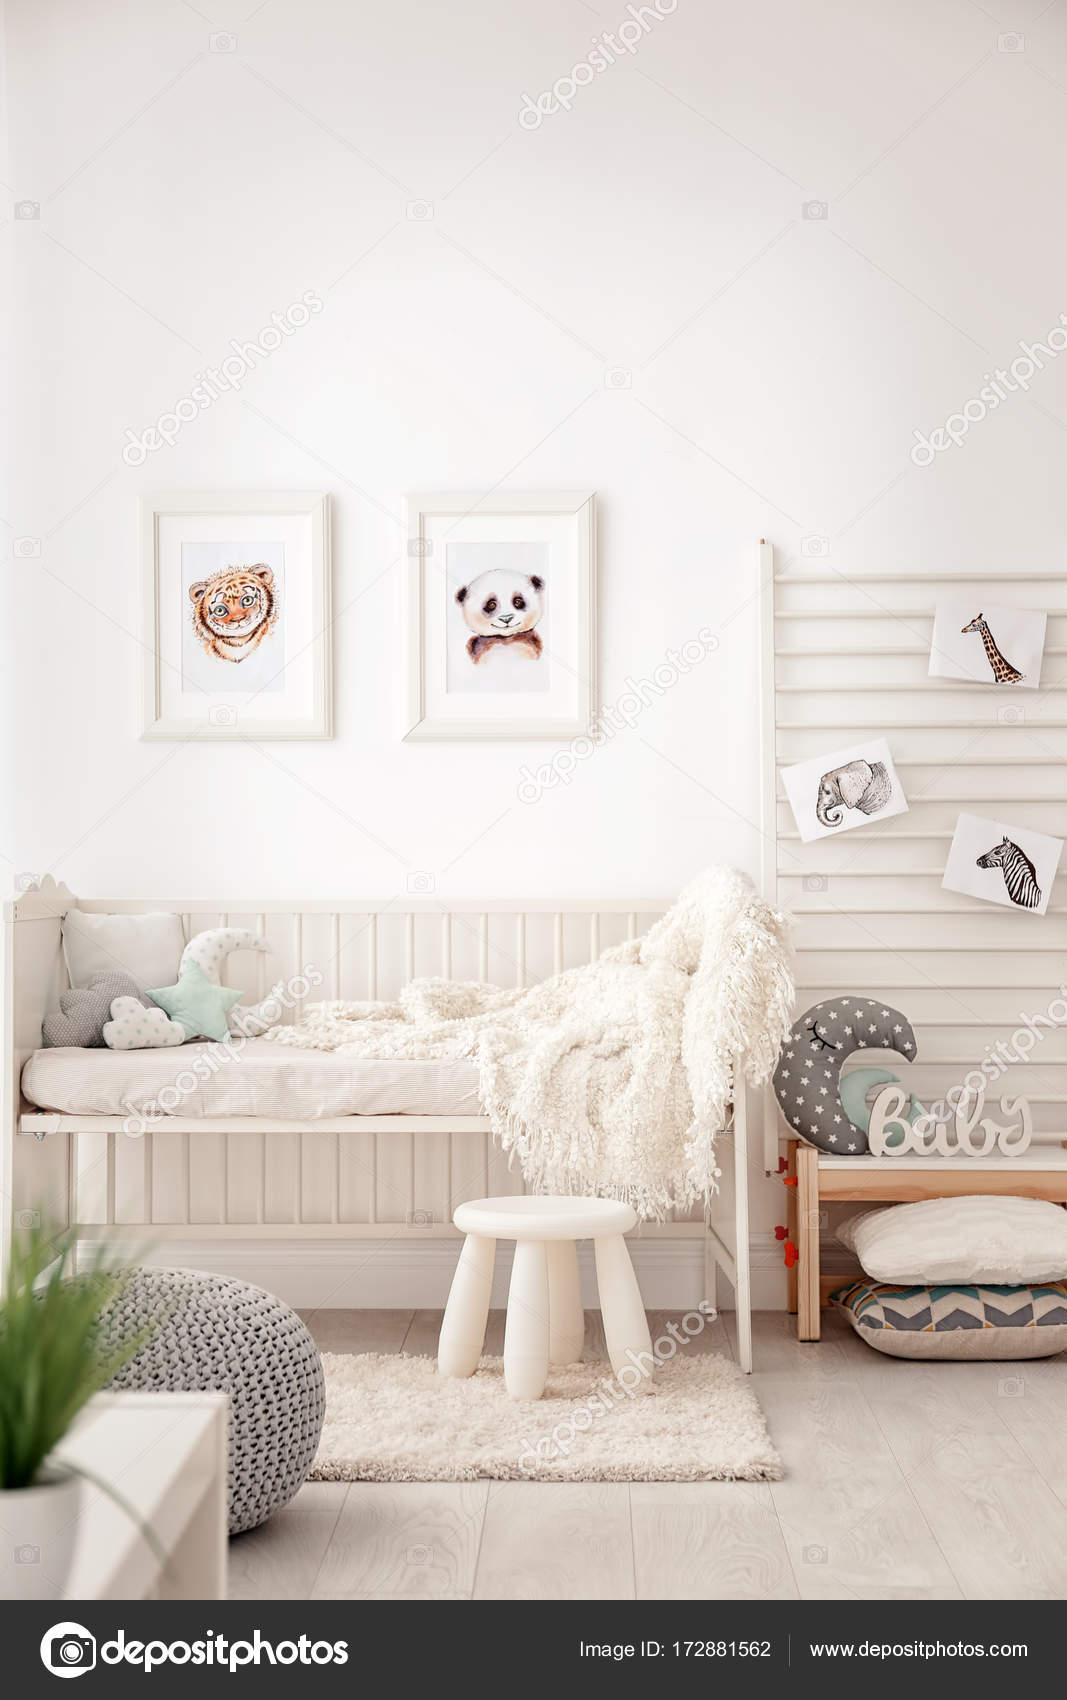 baby slaapkamer met fotos van dieren stockfoto